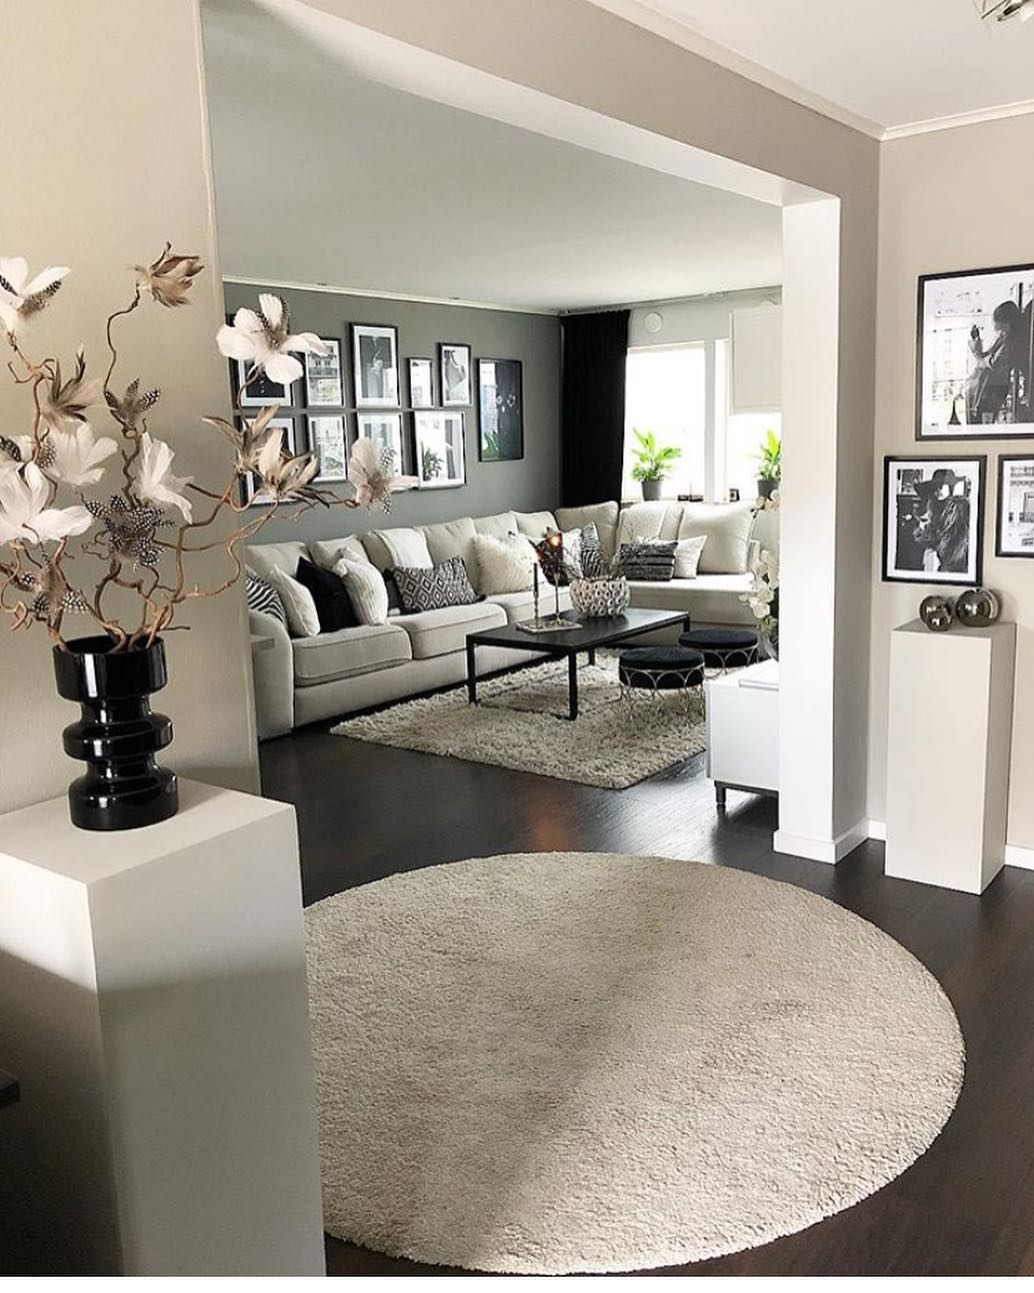 Wirklich schönes Interieur - modern und stilvoll - @interior_by_maria #Wohnkultur #luxuryhomes #Wohn #apartmentsinnice